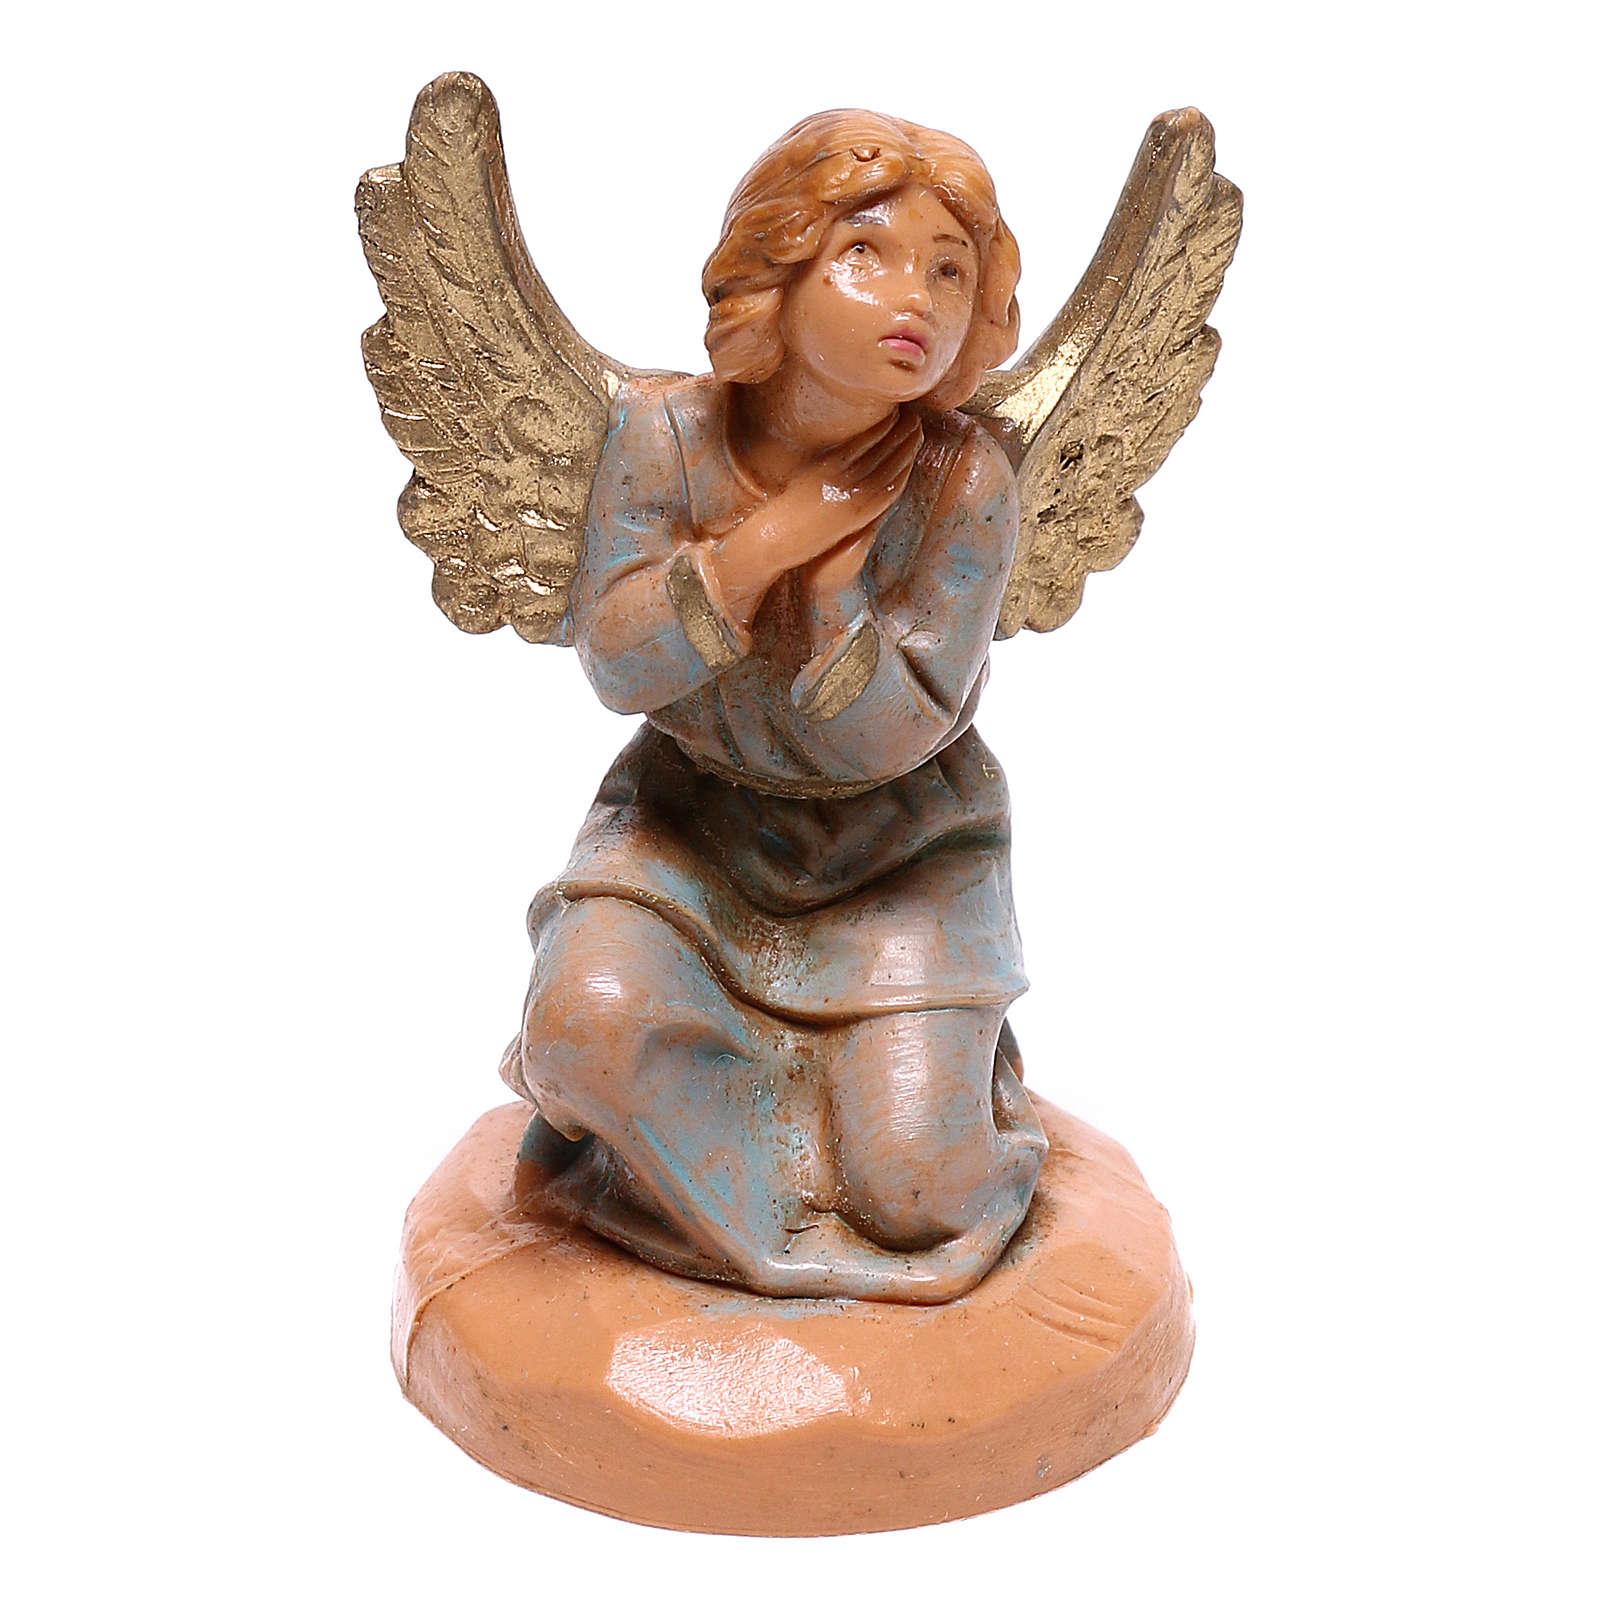 Anioł klęczący złożone dłonie Fontanini 6,5 cm 4